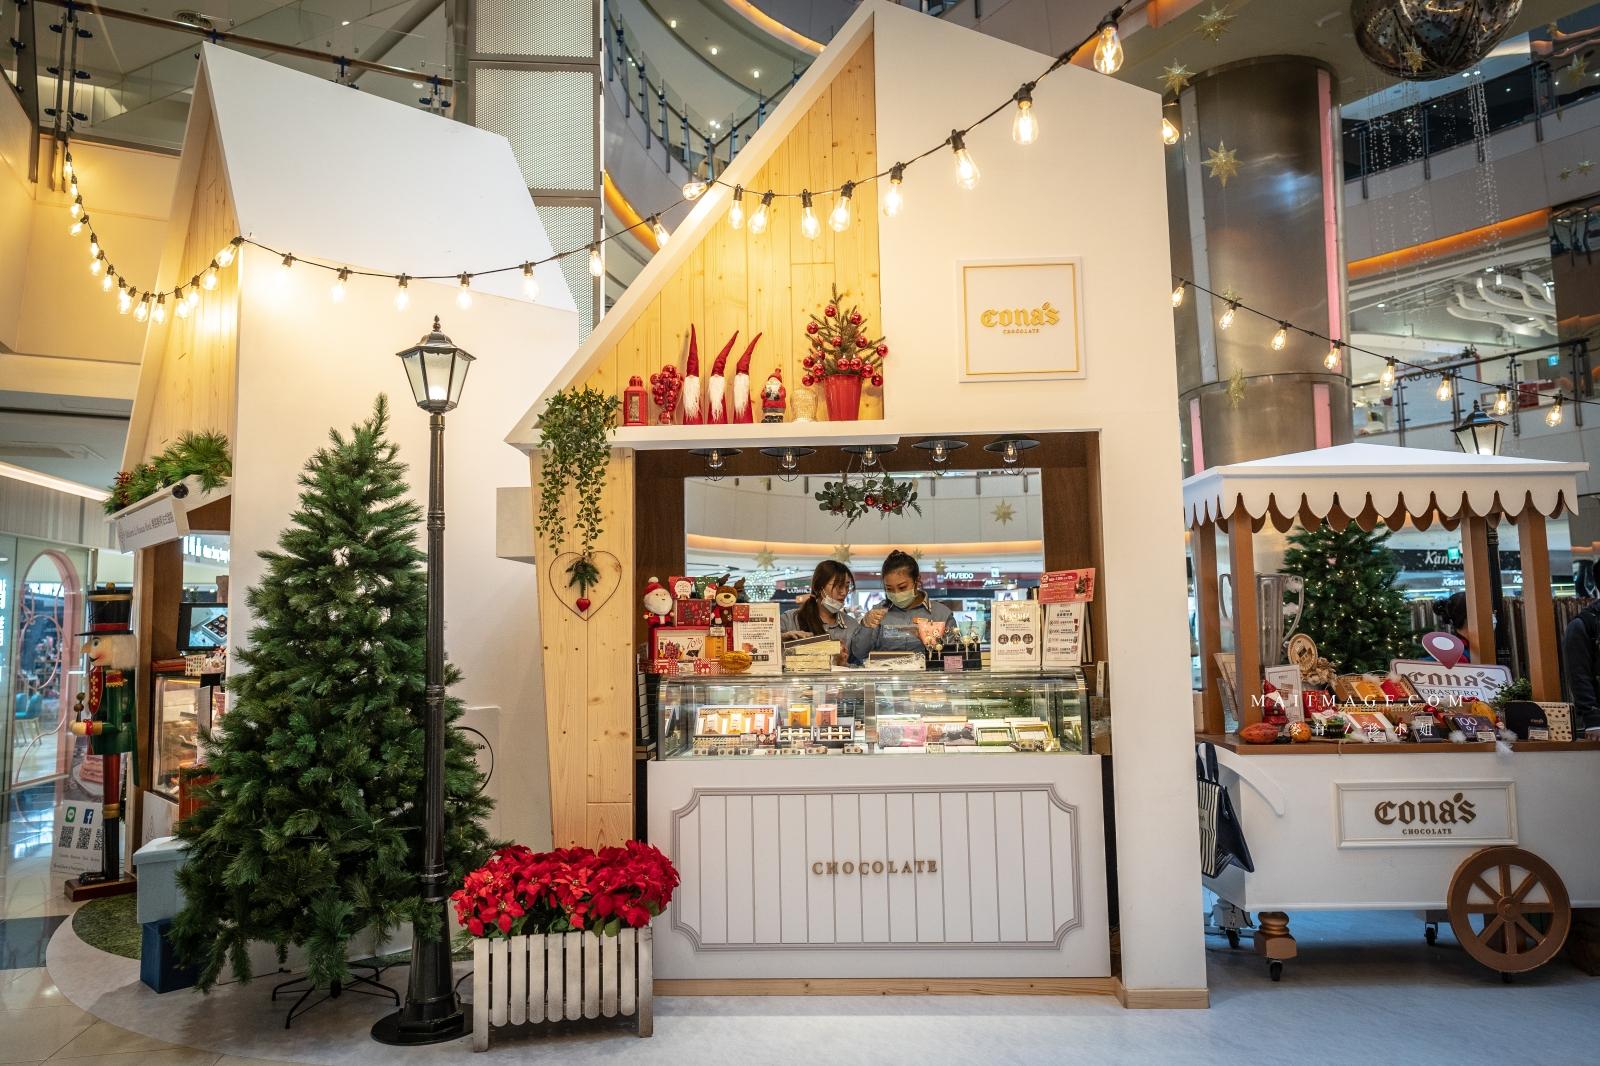 2020中壢大江購物中心『501號聖誕市集』、『北歐耶誕雪屋造景』挑戰最強偽出國打卡點,全桃園最大聖誕市集、最美室內聖誕市集、全桃最大聖誕市集、全桃園最大耶誕城、2020必敗購物中心